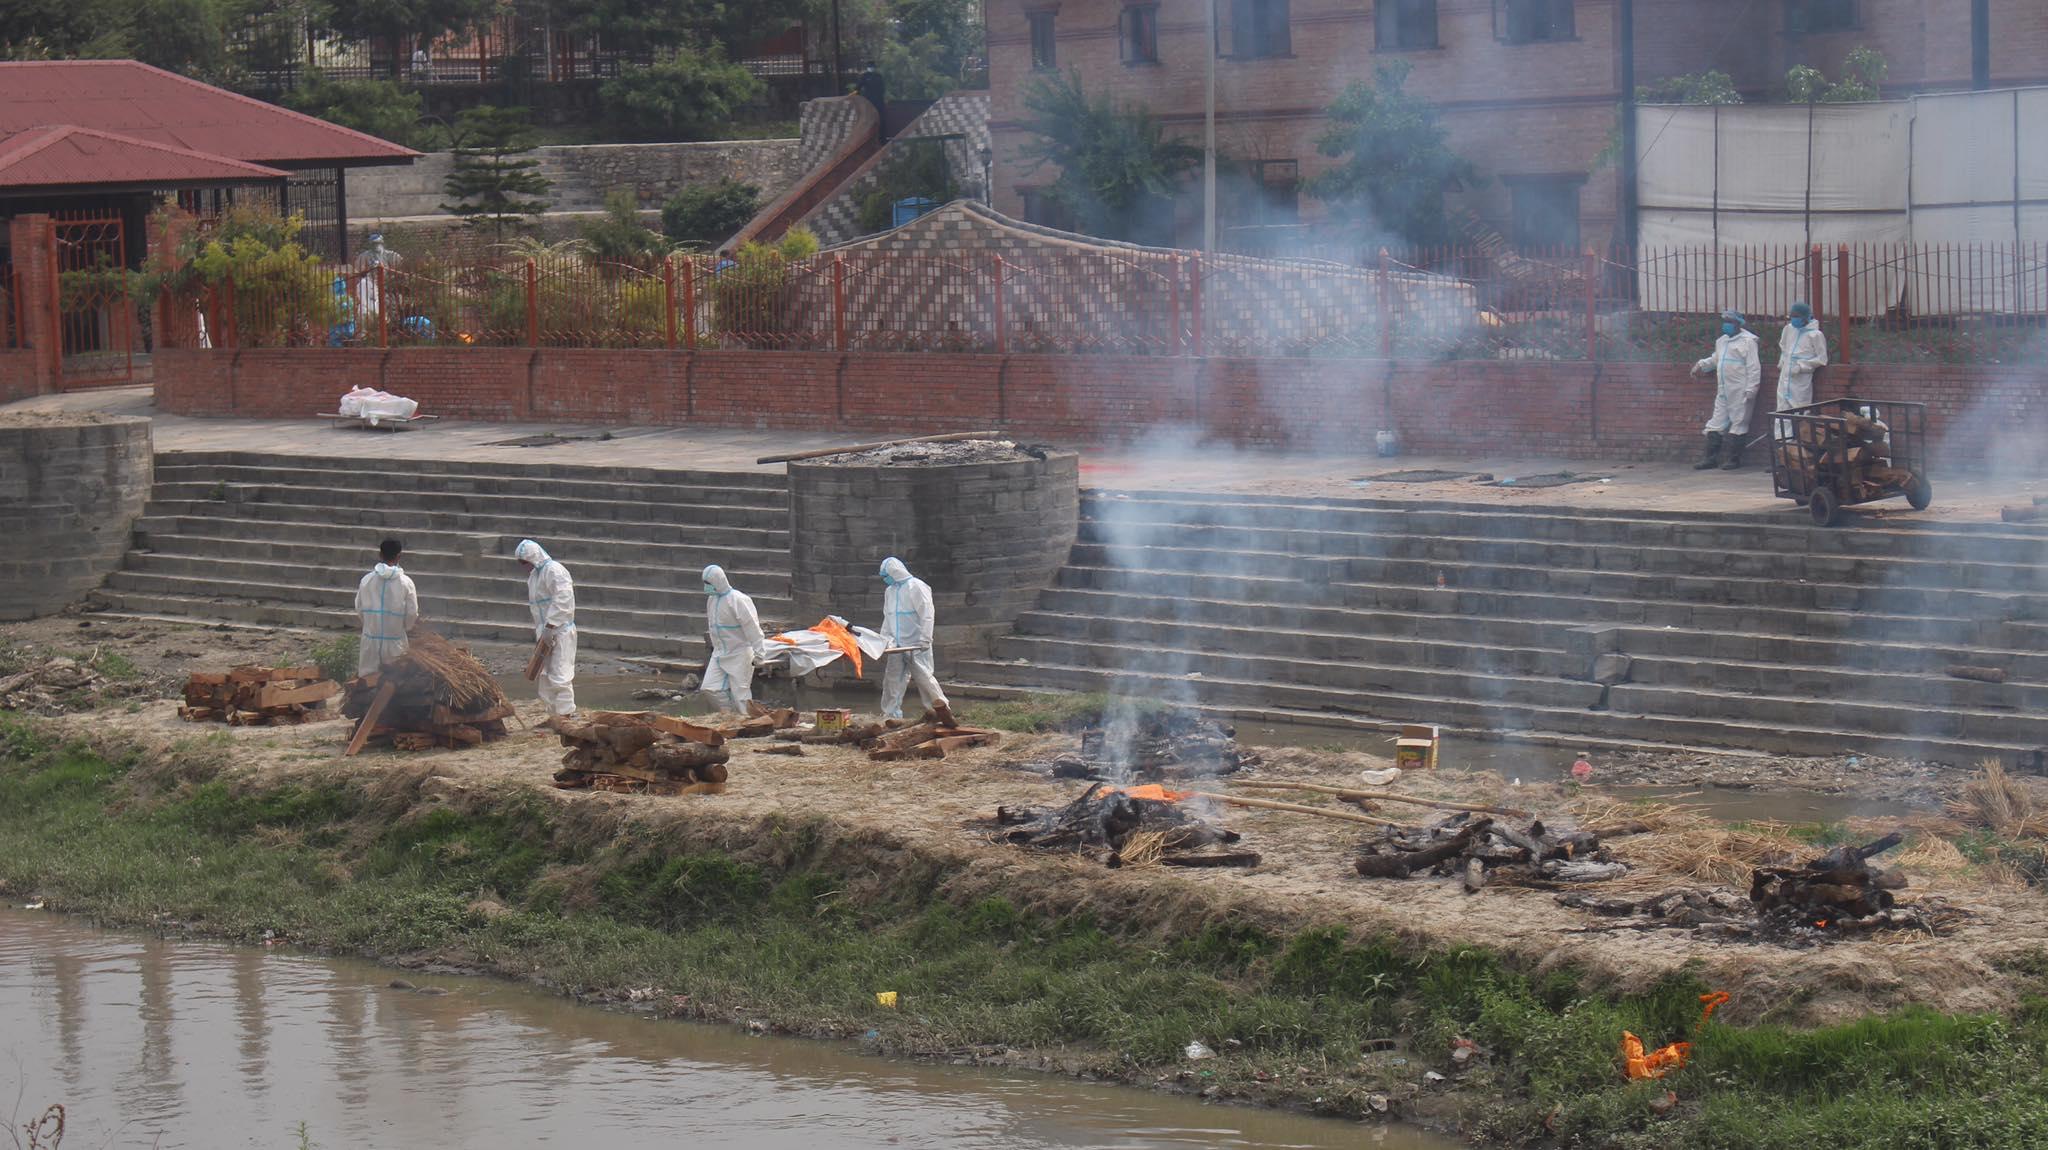 नेपालमा कोरोना महामार ईण्डियामा जस्तै बिकराल बन्दै, बाग्मती किनारमै शव जलाउन थालियो